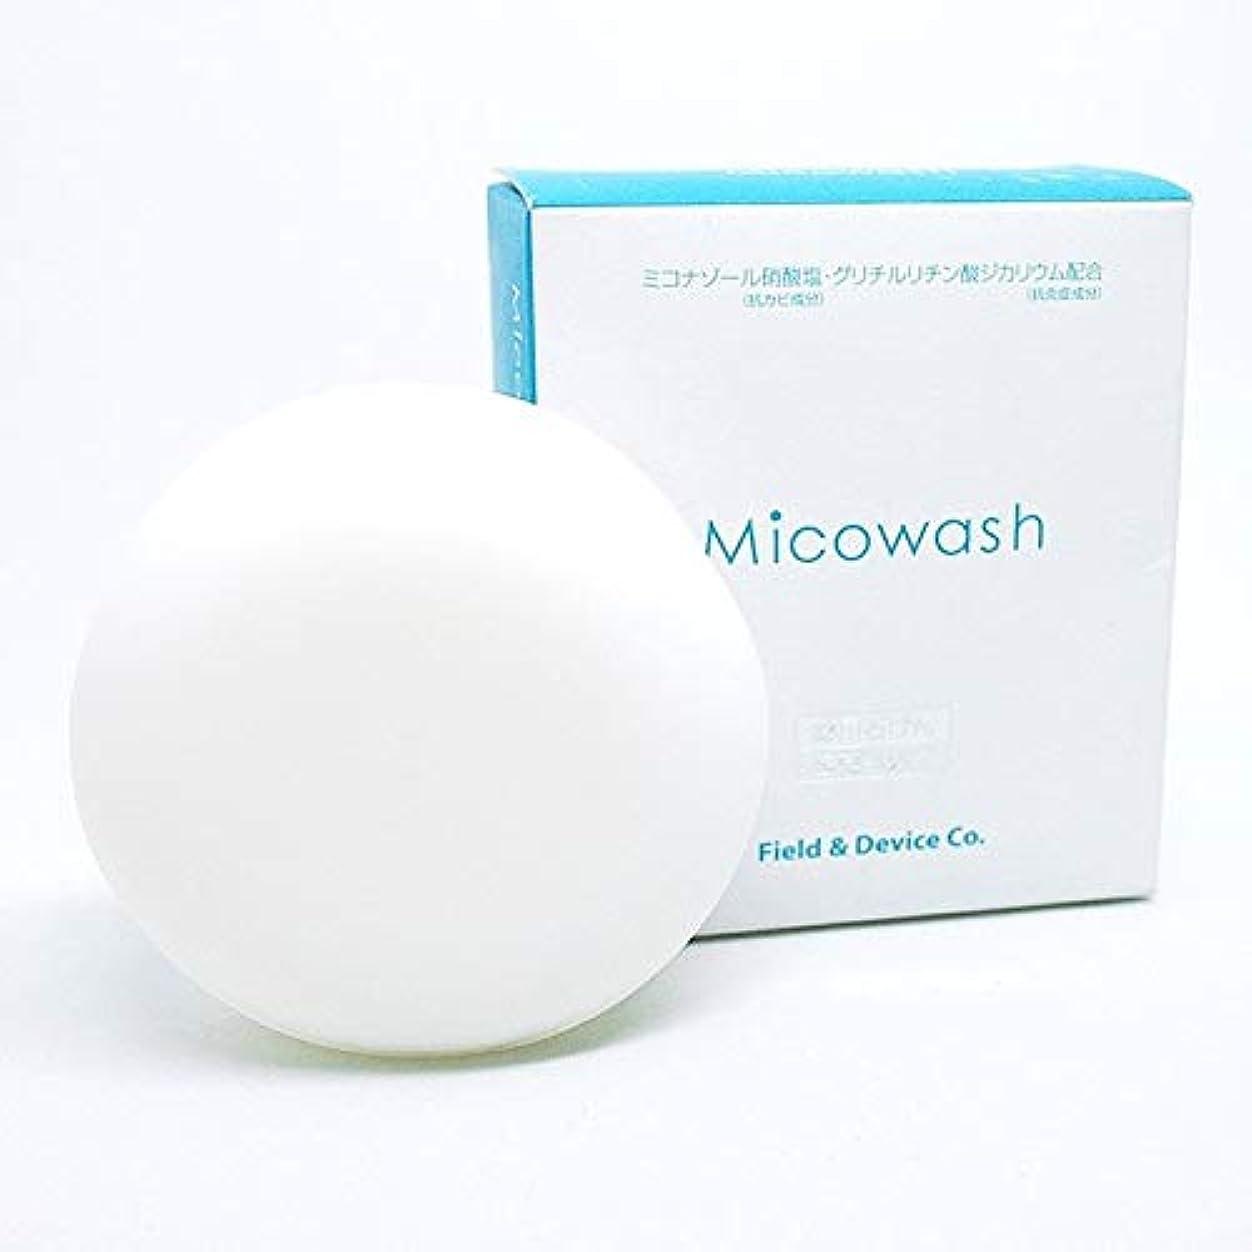 副プレゼン辛いフィールドアンドデバイス Micowash ミコウォッシュ 100g 医薬部外品